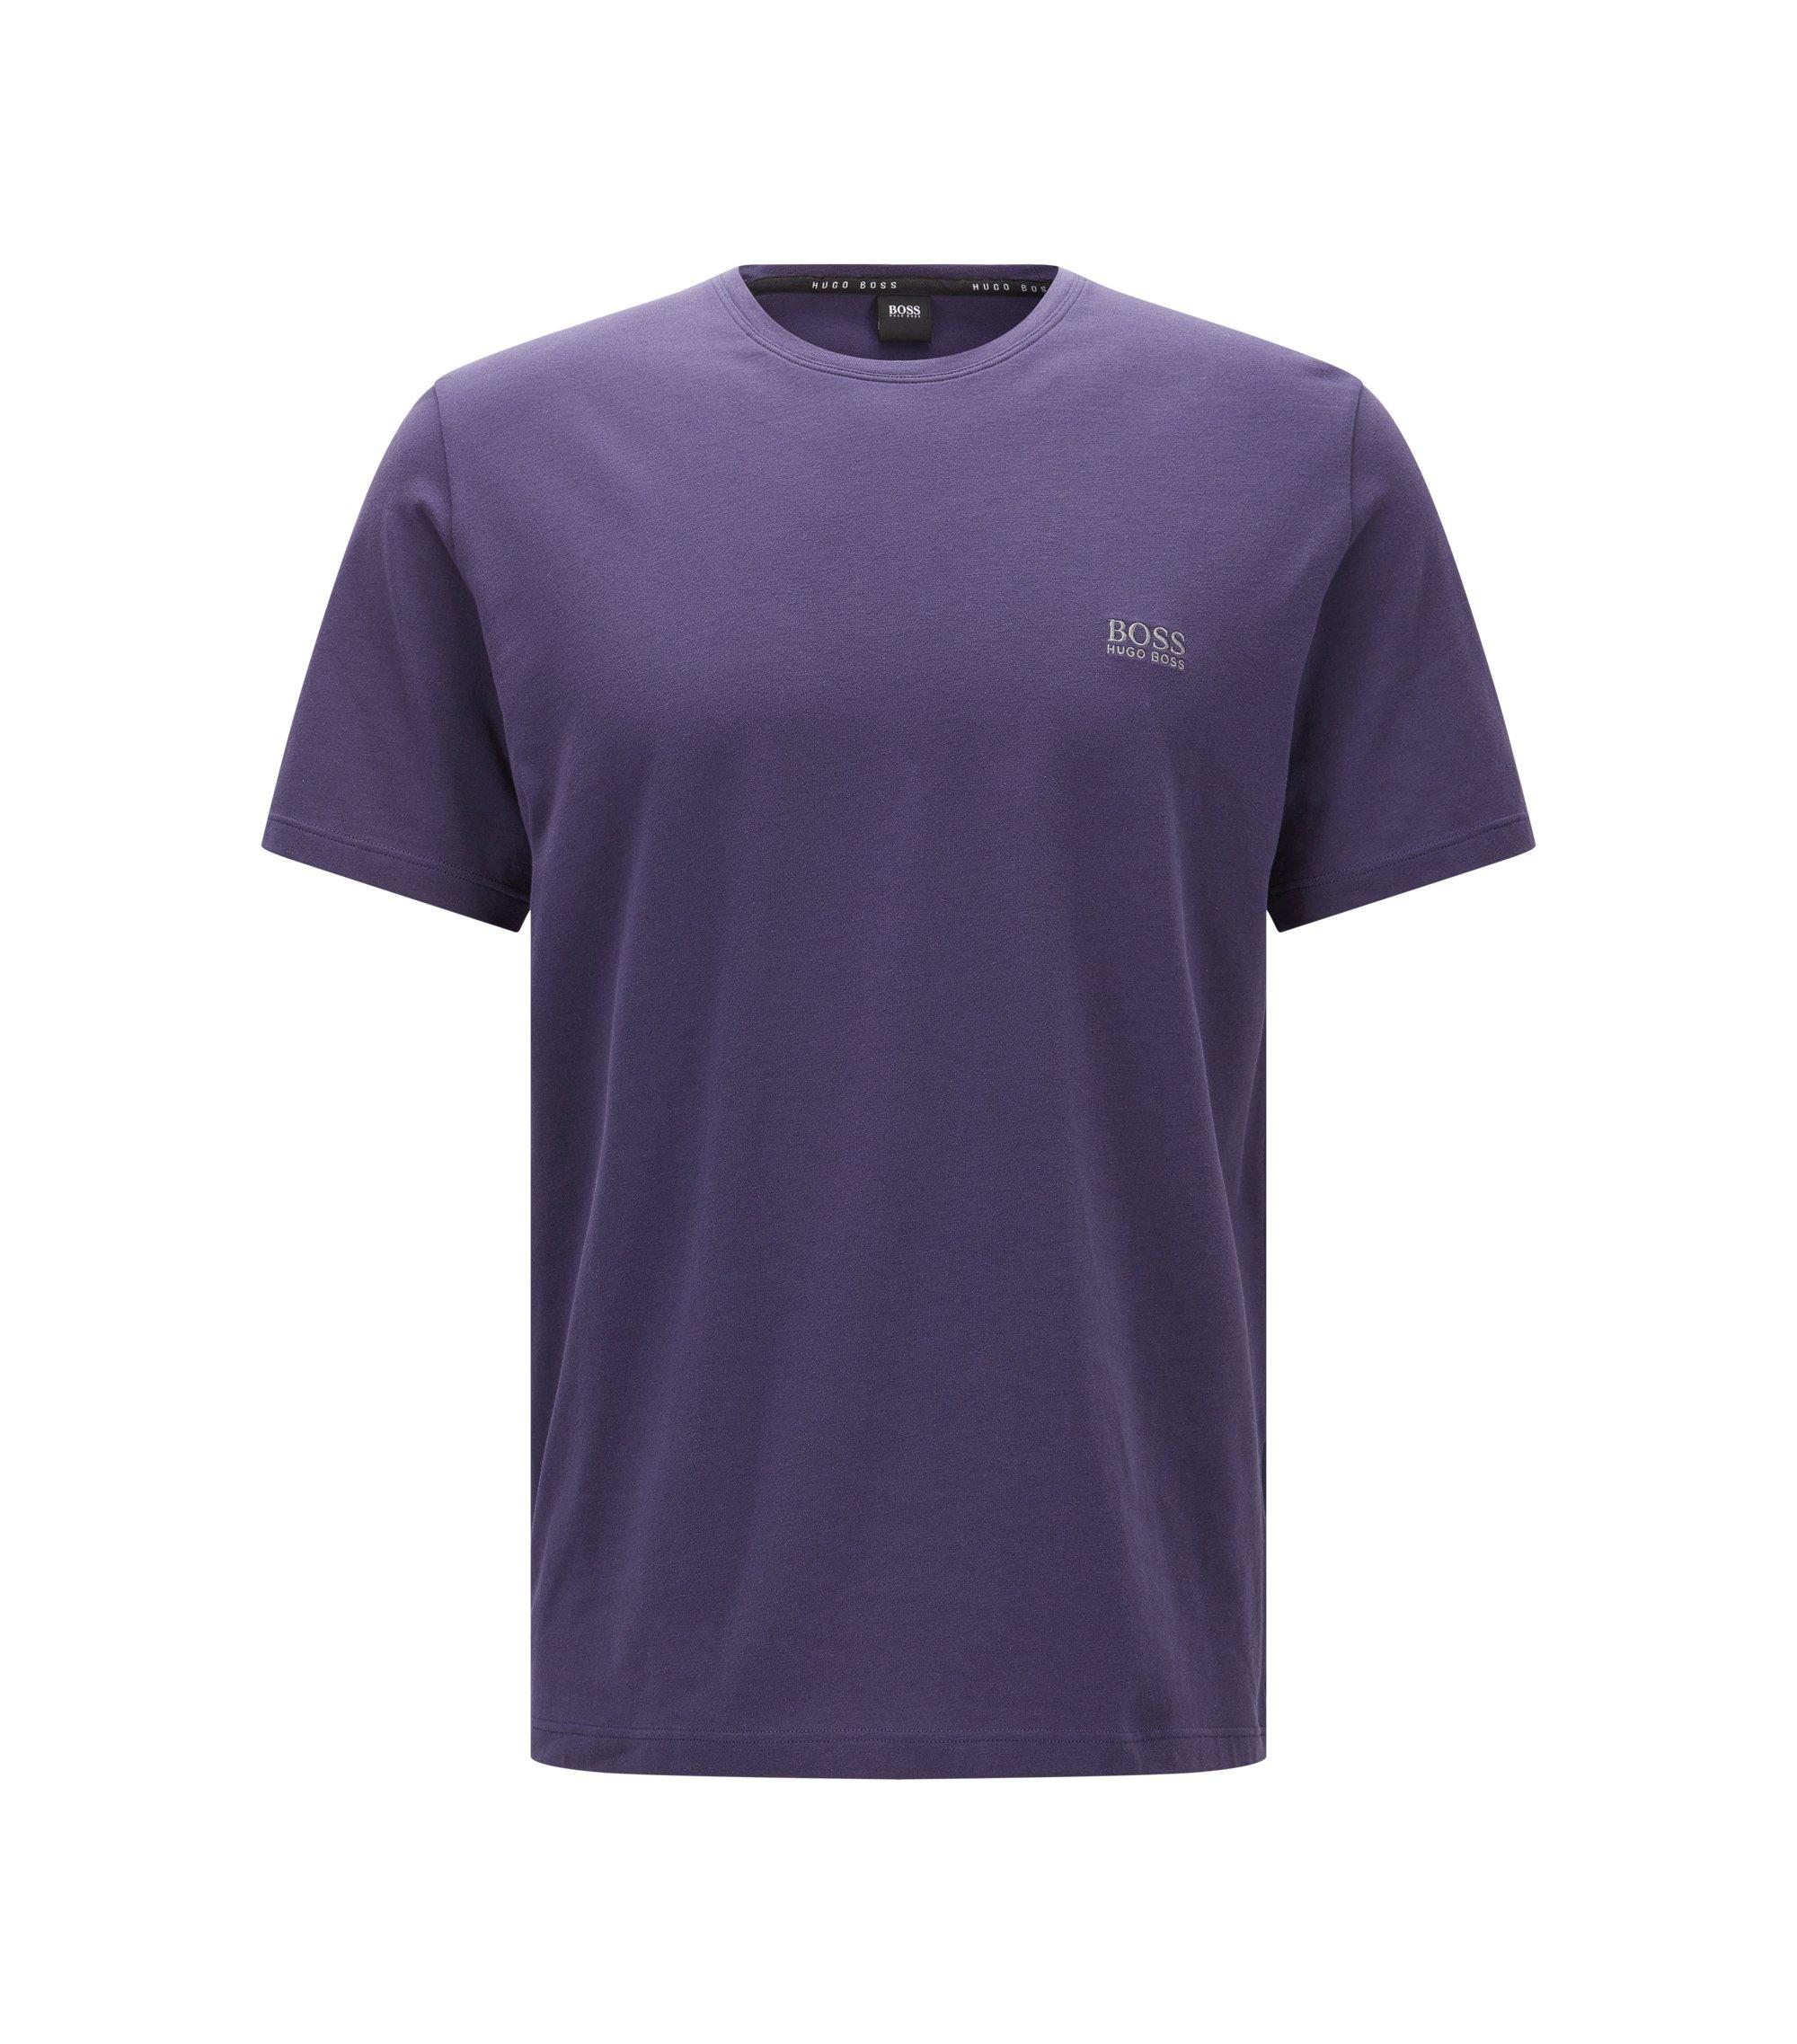 Loungewear T-shirt in single jersey cotton, Dark Purple